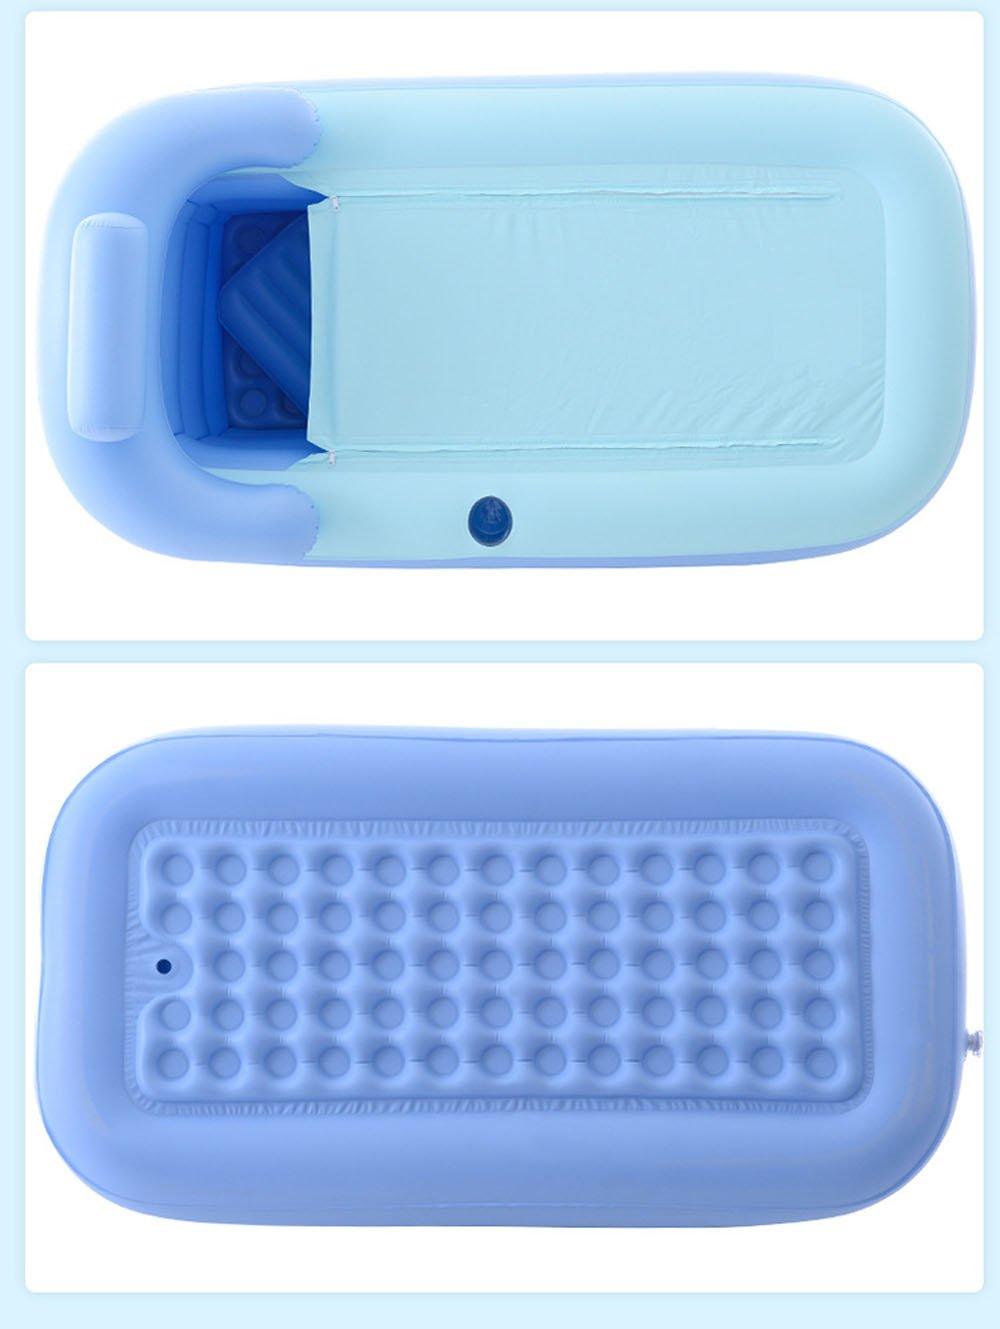 KiHomy SPA Inflatable Bath Tub, Adult Plastic Portable Adult Bathtub ...